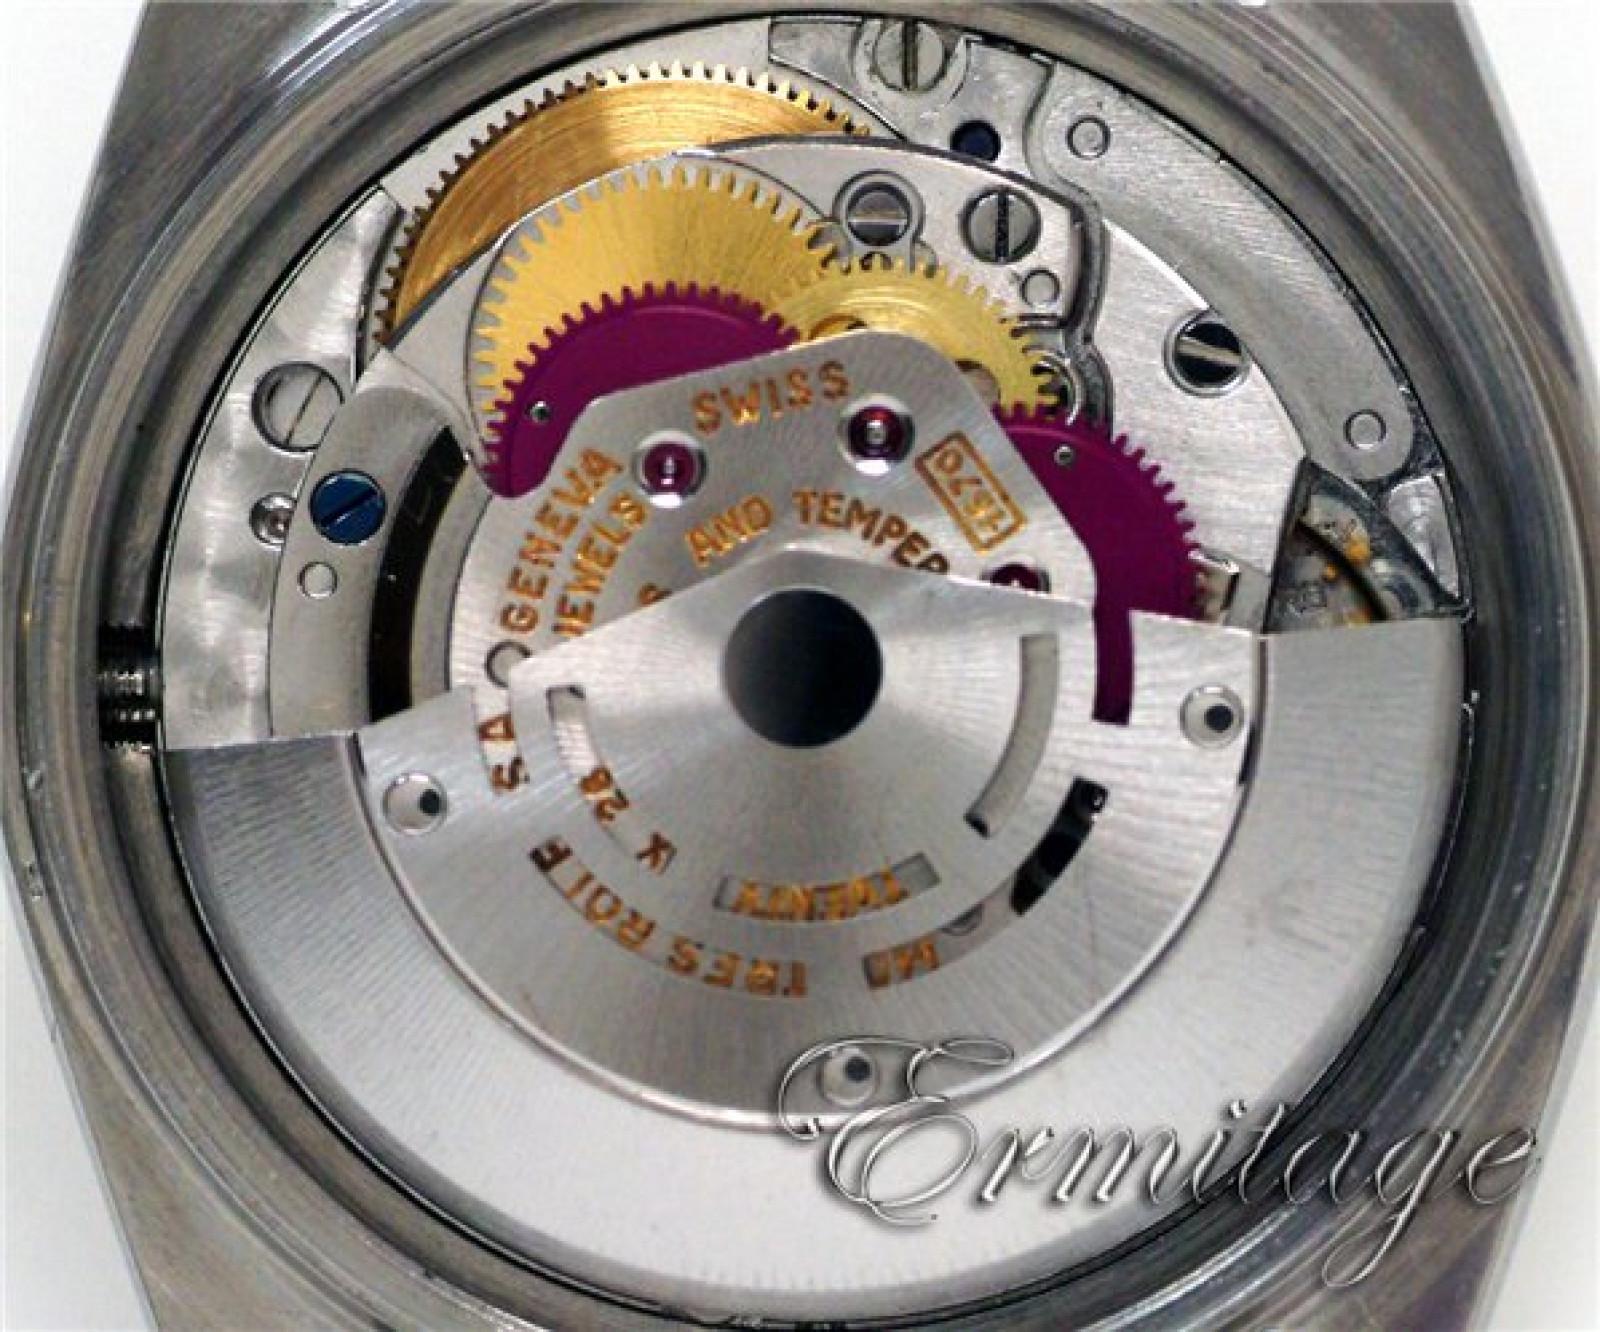 Vintage Rare Rolex Datejust 1601 Gold & Steel Year 1969